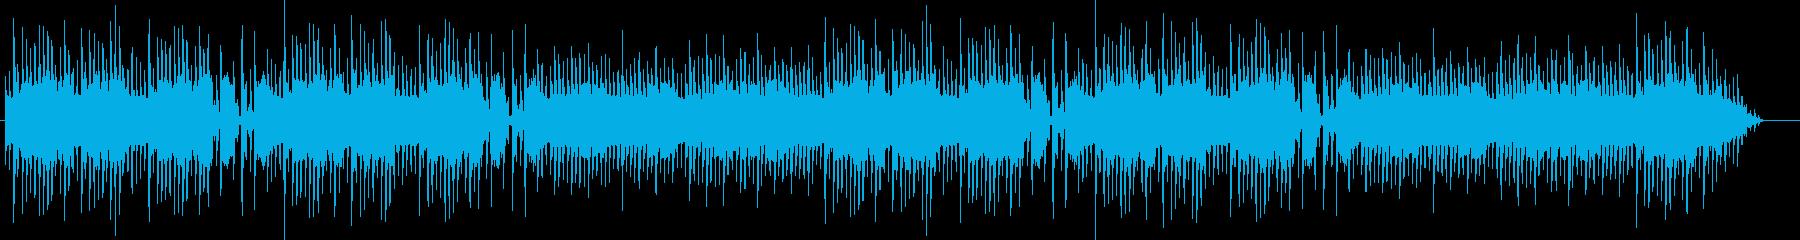 昔のアーケードゲーム風のブギウギ調ループの再生済みの波形